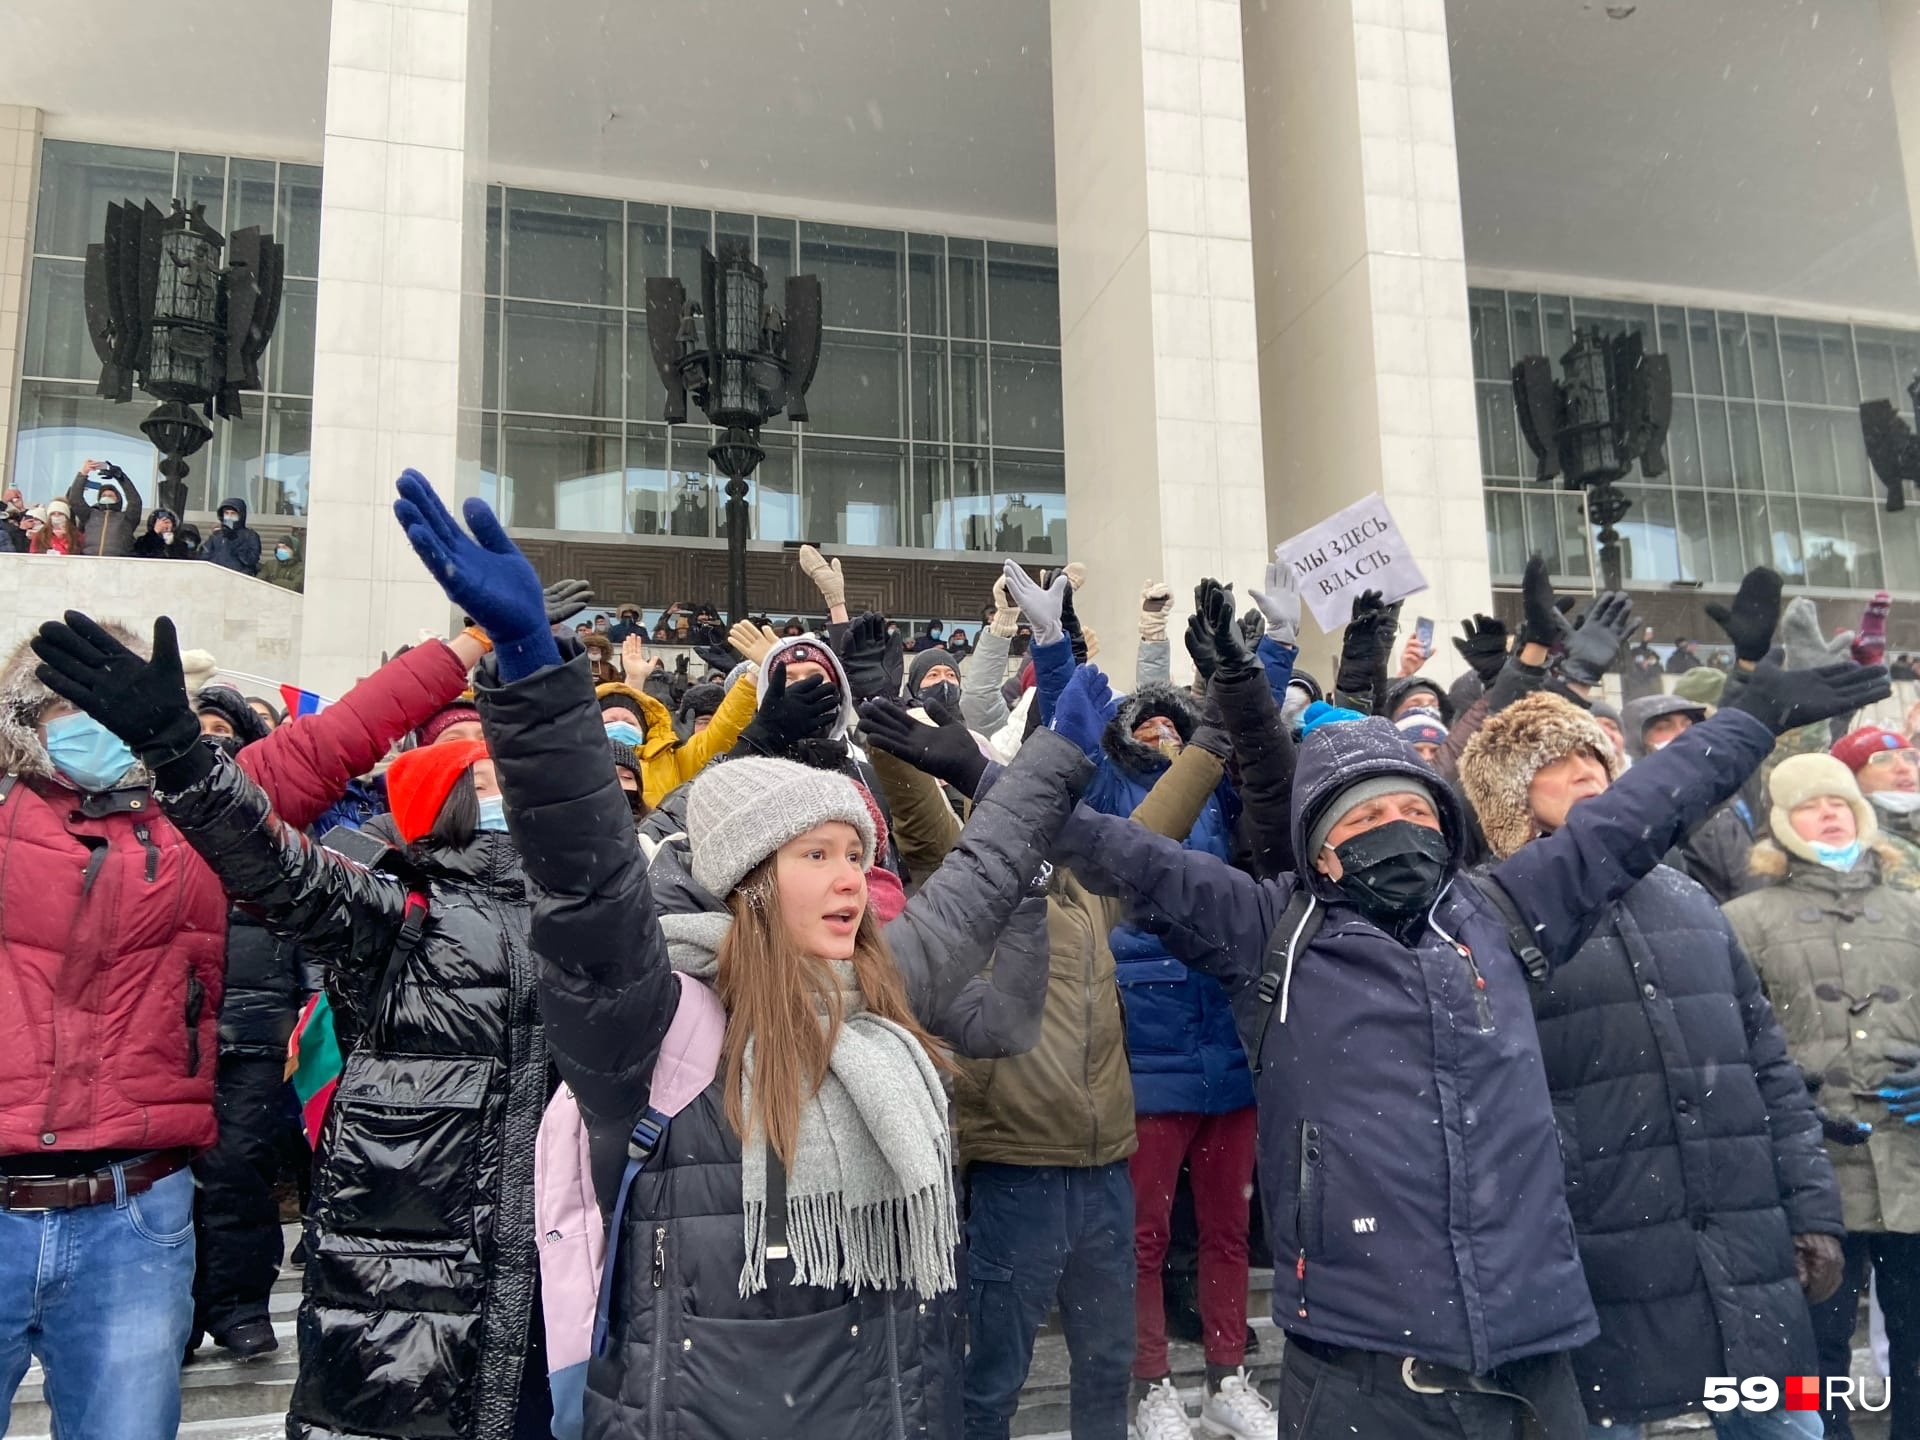 Люди на акции вели себя активно, но мирно. Благодаря этому и рассудительности полиции в Перми удалось избежать массовых задержаний